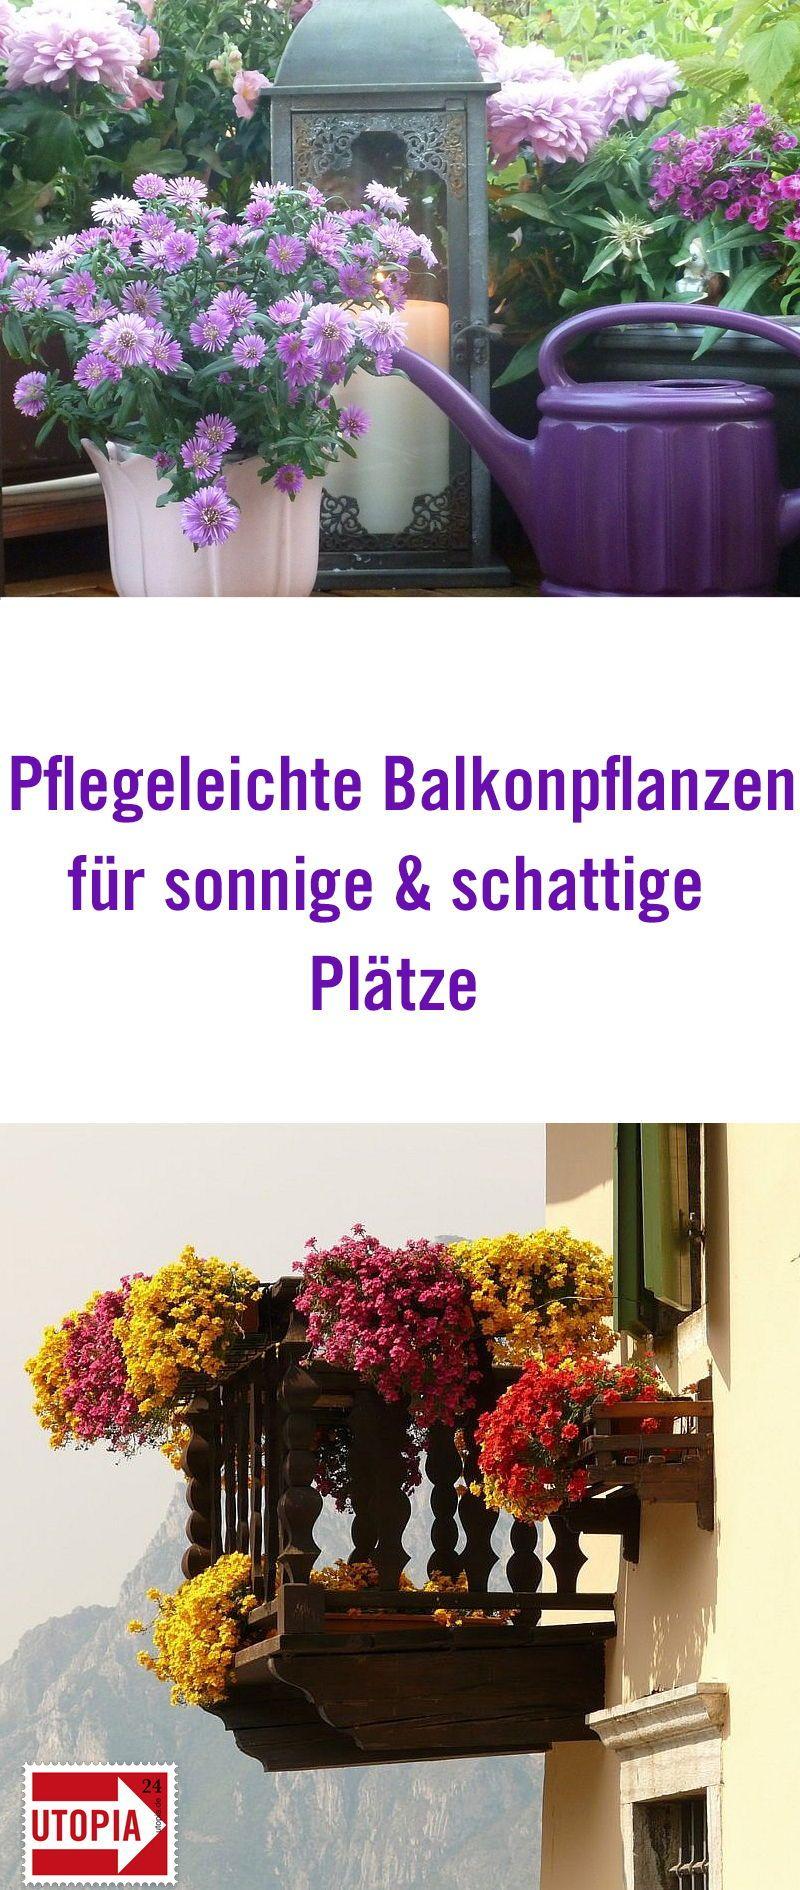 balkonpflanzen pflegeleichte sorten f r sonnige und schattige pl tze balkonpflanzen der. Black Bedroom Furniture Sets. Home Design Ideas